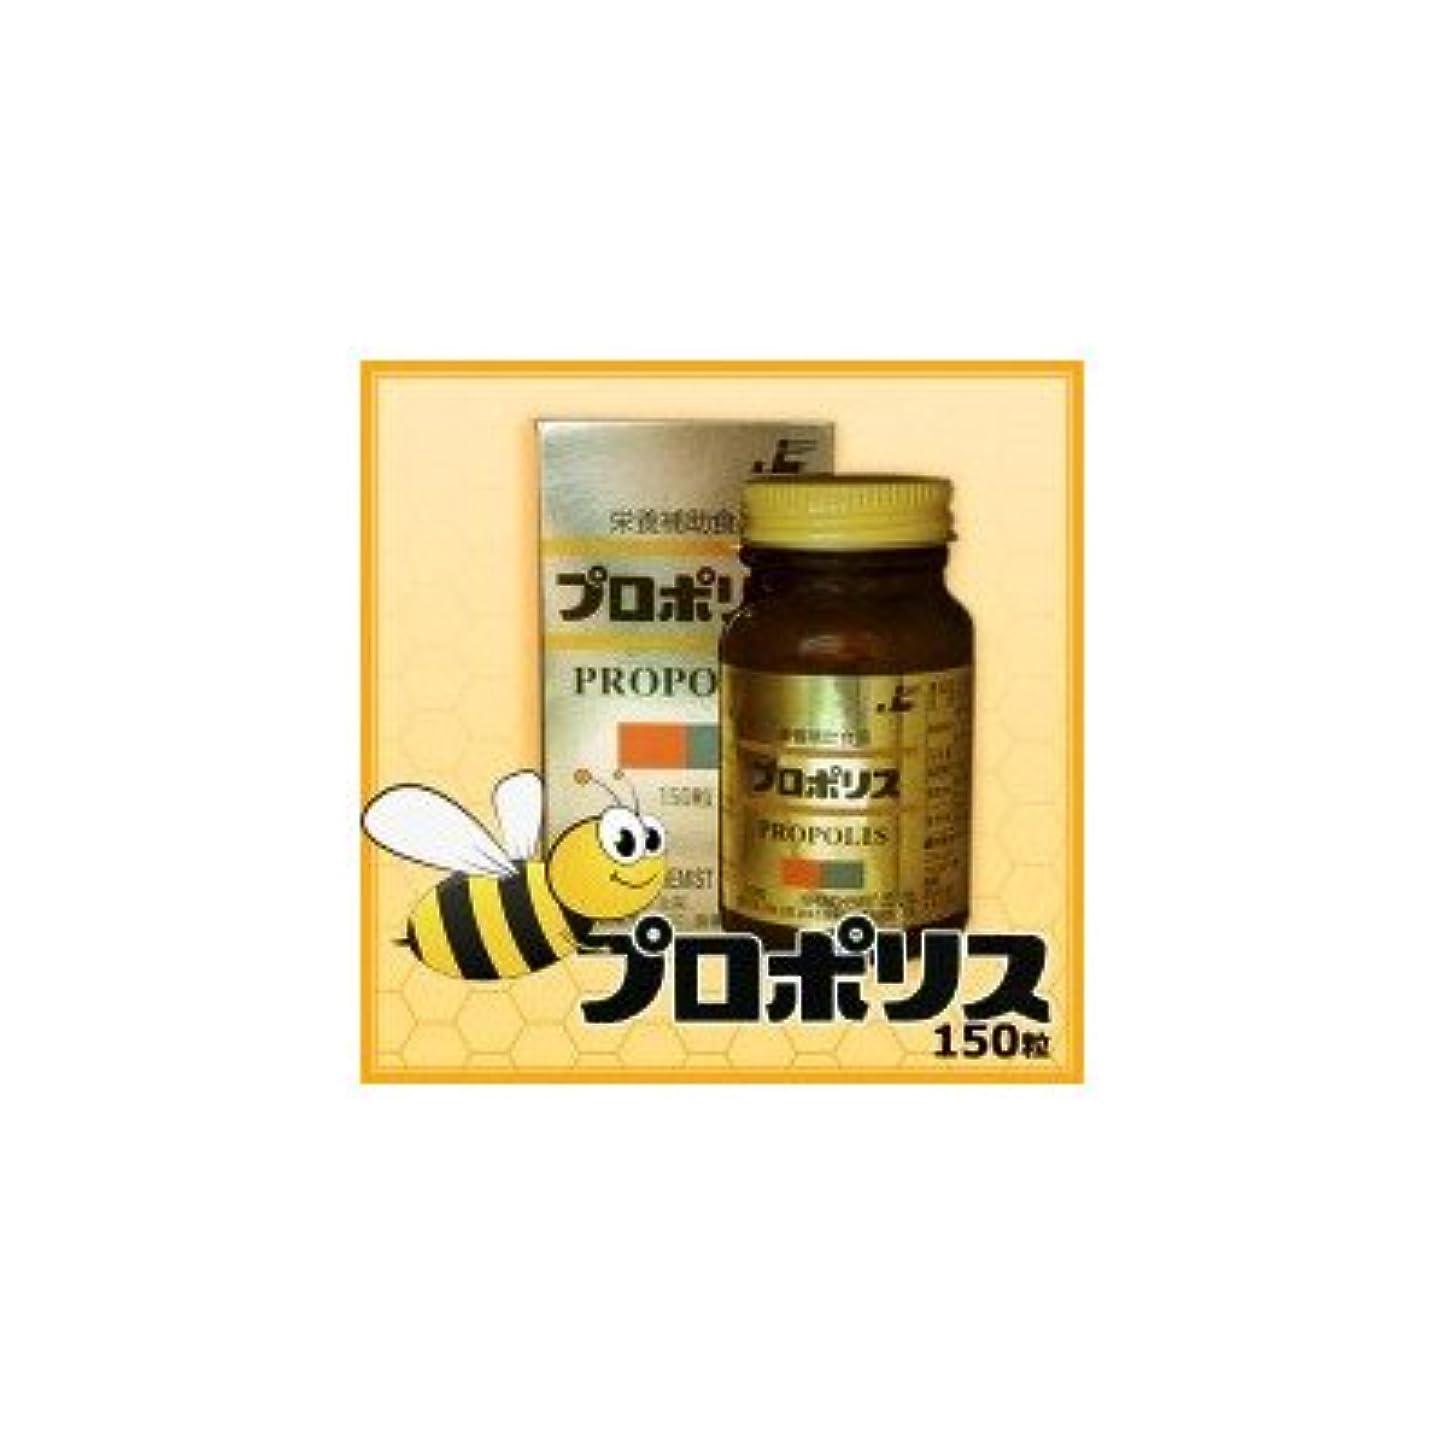 風邪をひく謎心配プロポリス 37.5g(250mg×150粒)